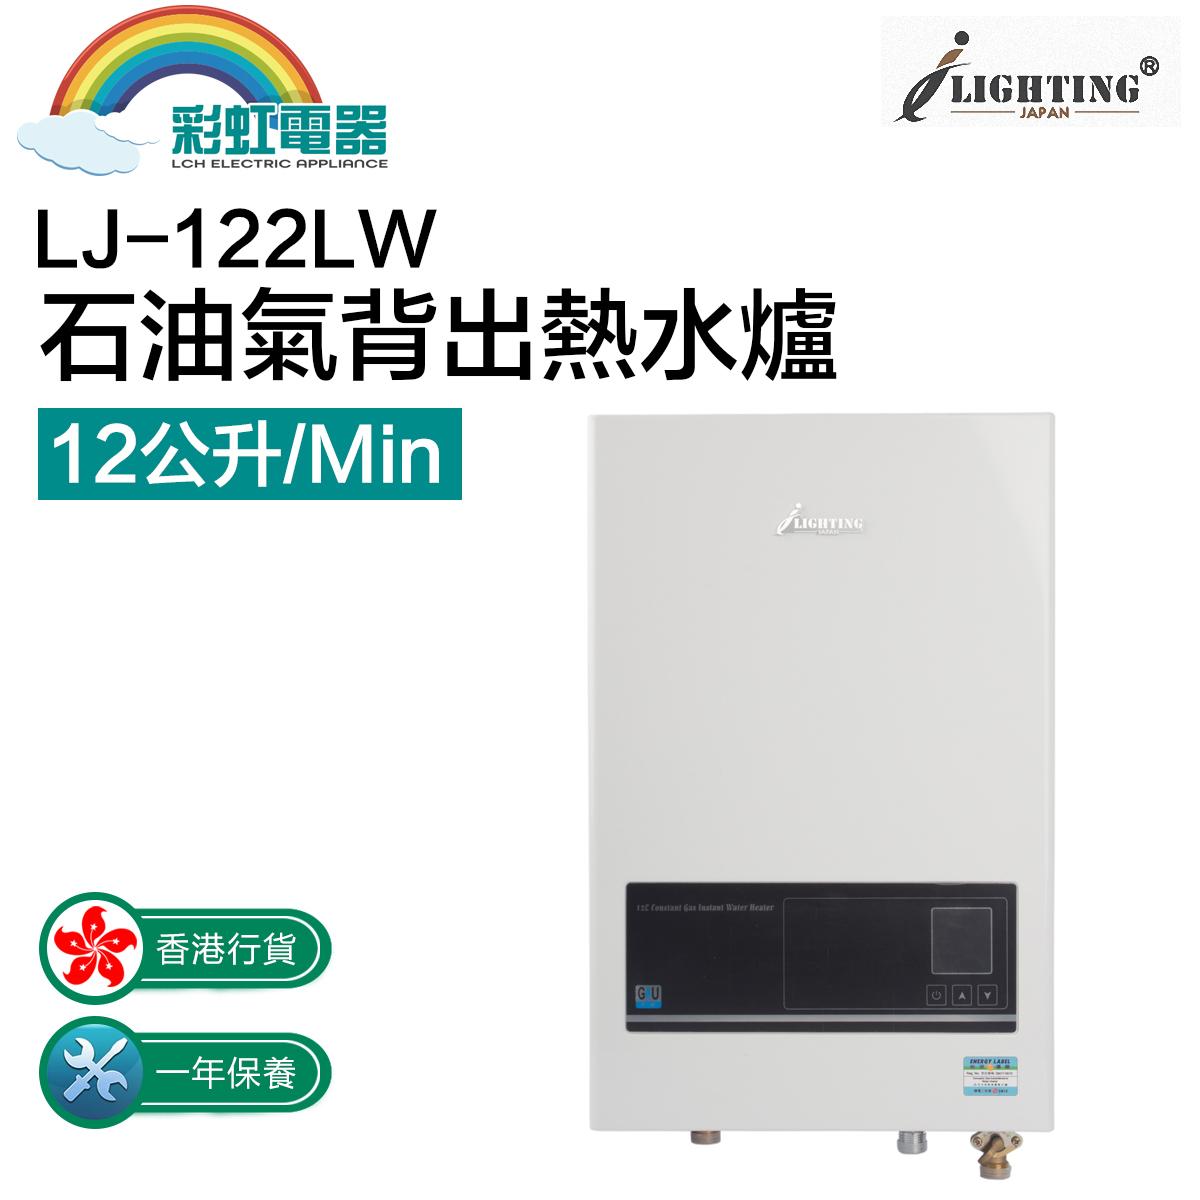 LJ-122LW 石油氣背出熱水爐(白色)